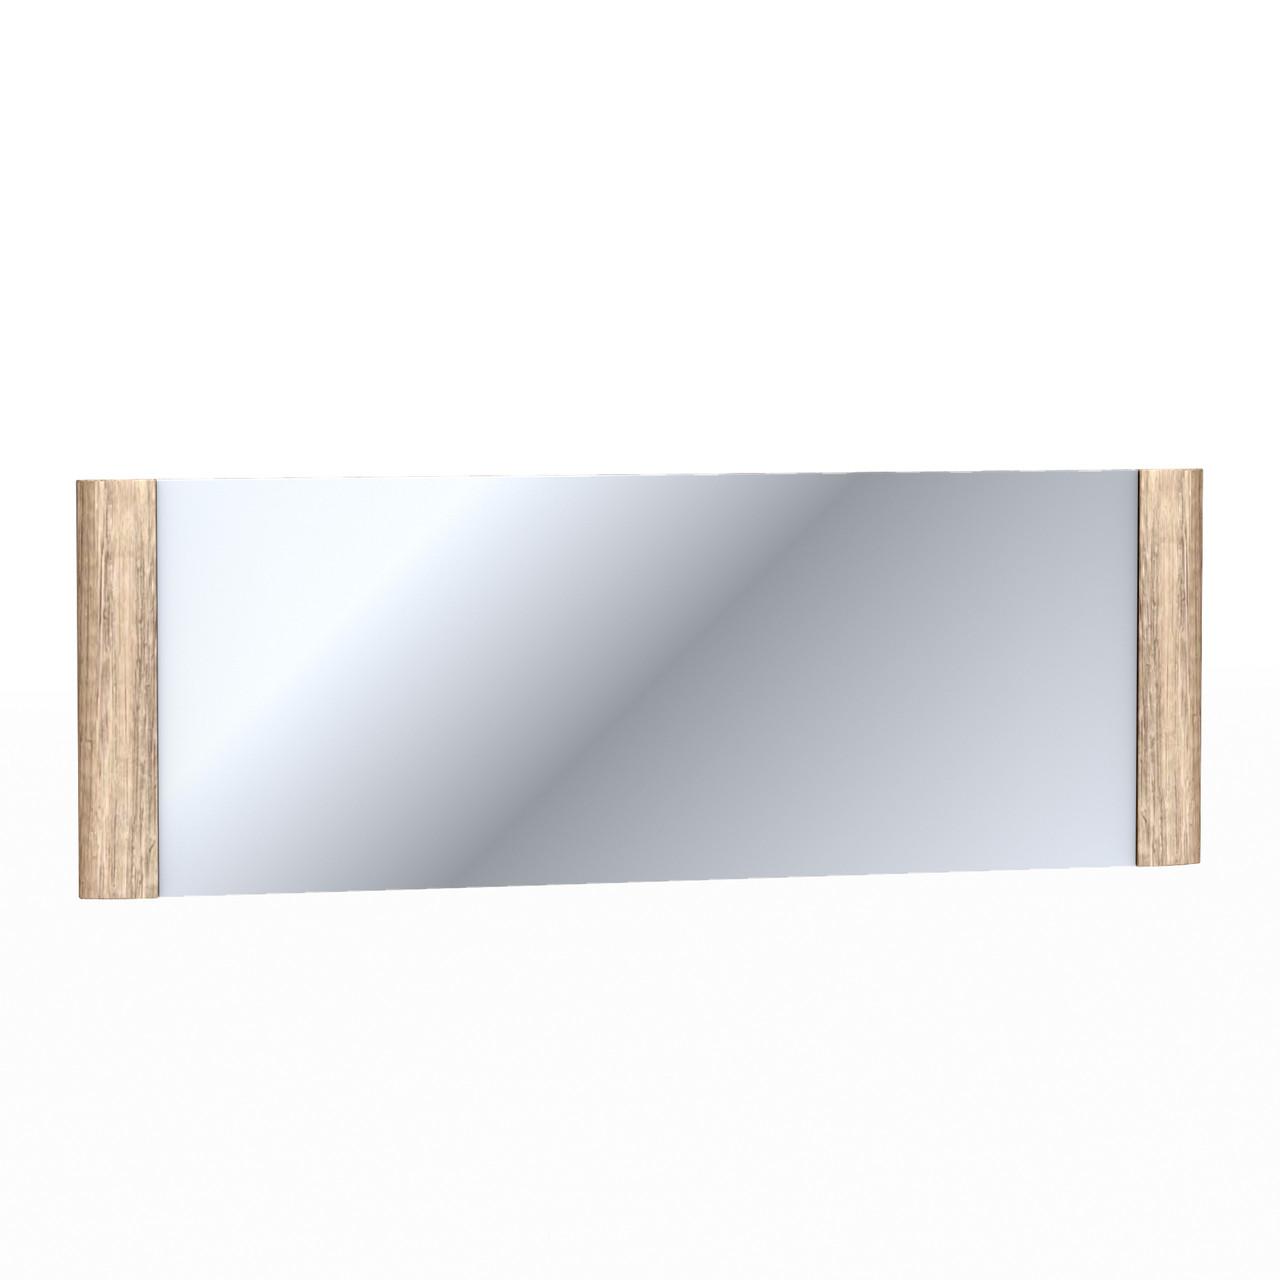 ДЗеркало на стіну з ДСП/МДФ у вітальню спальню настінне Davin W1 Blonski